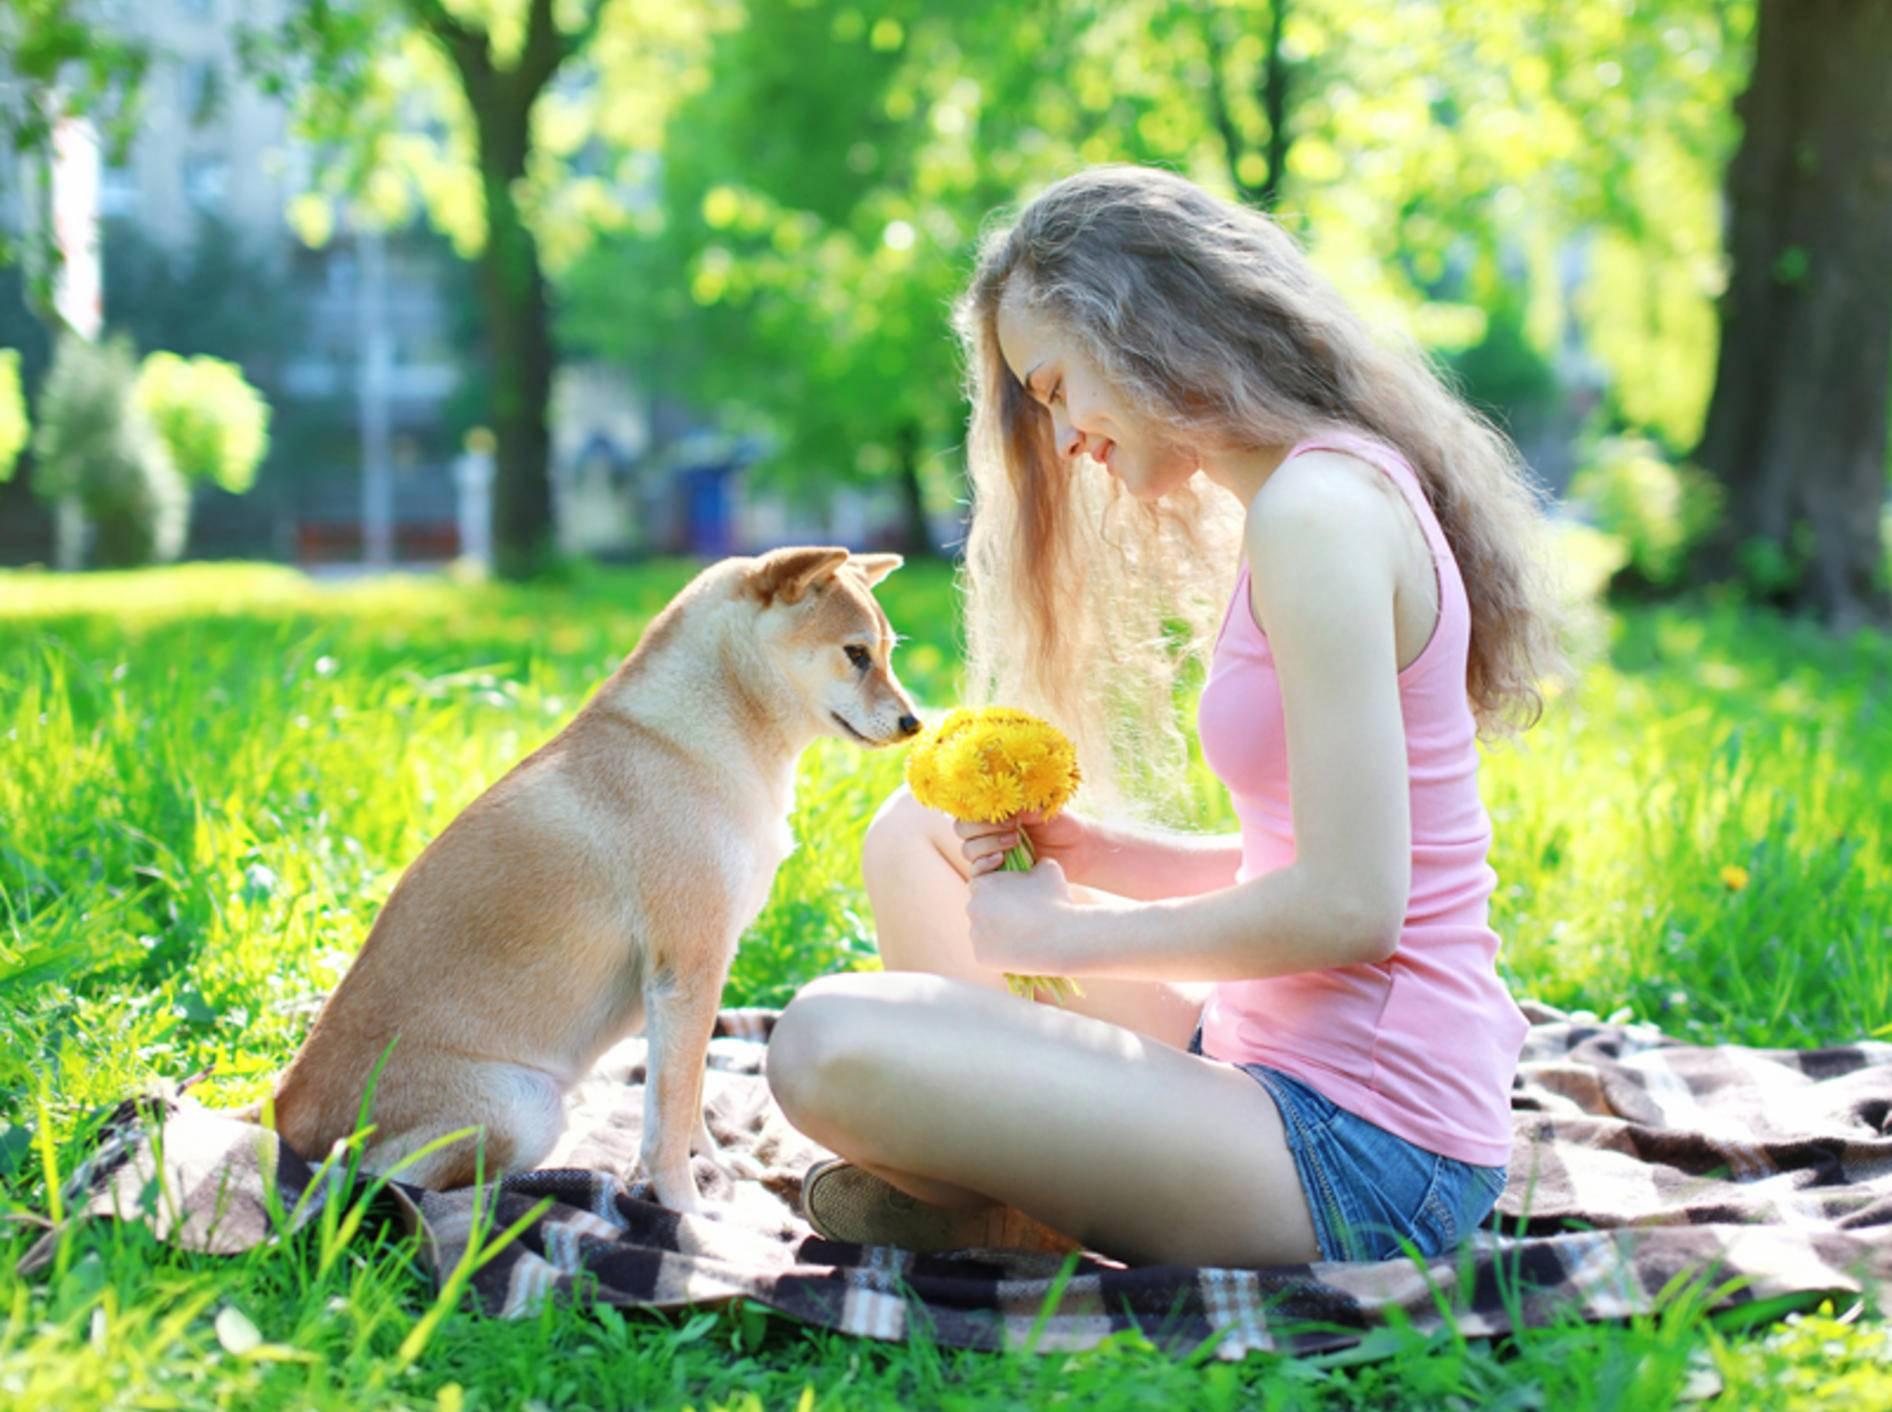 Das Verhalten der Hundehalter wirkt sich auf die Persönlichkeit des Hundes aus – Shutterstock / Rohappy